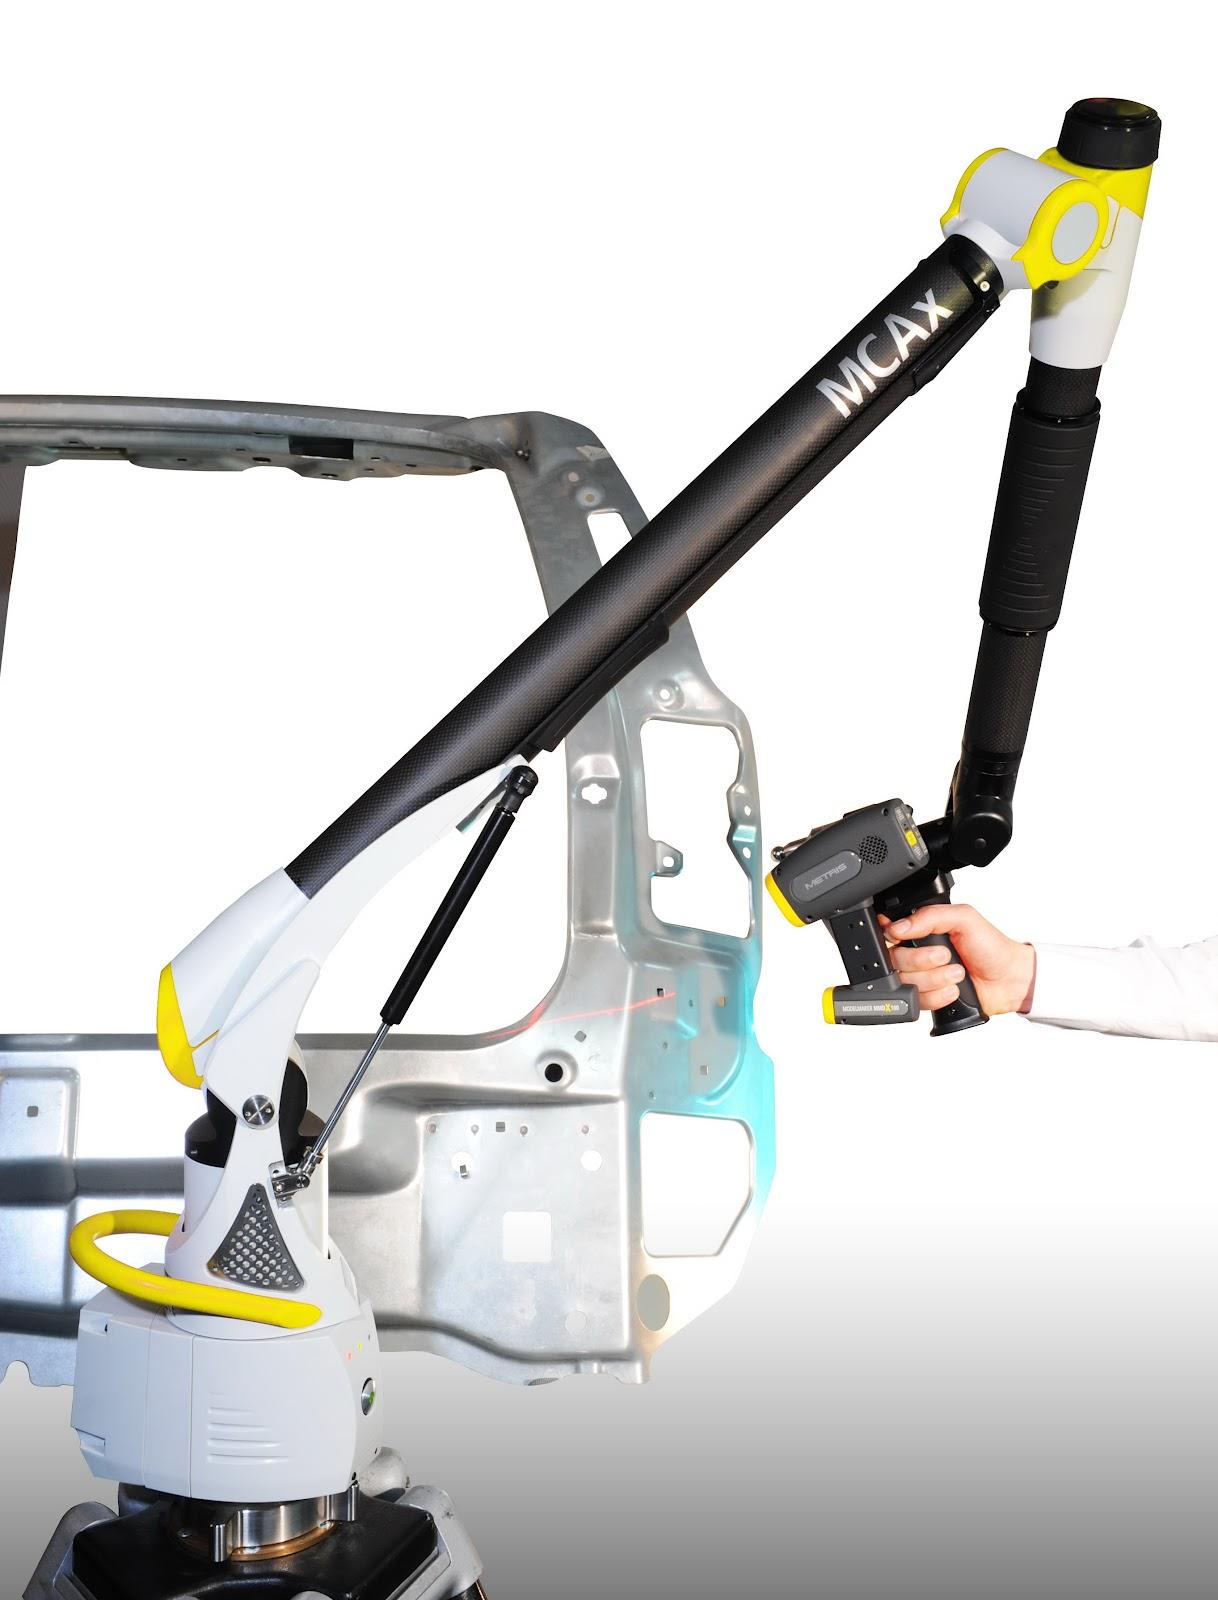 Самодельная катушка для размотки кабеля - Полезные самоделки 13